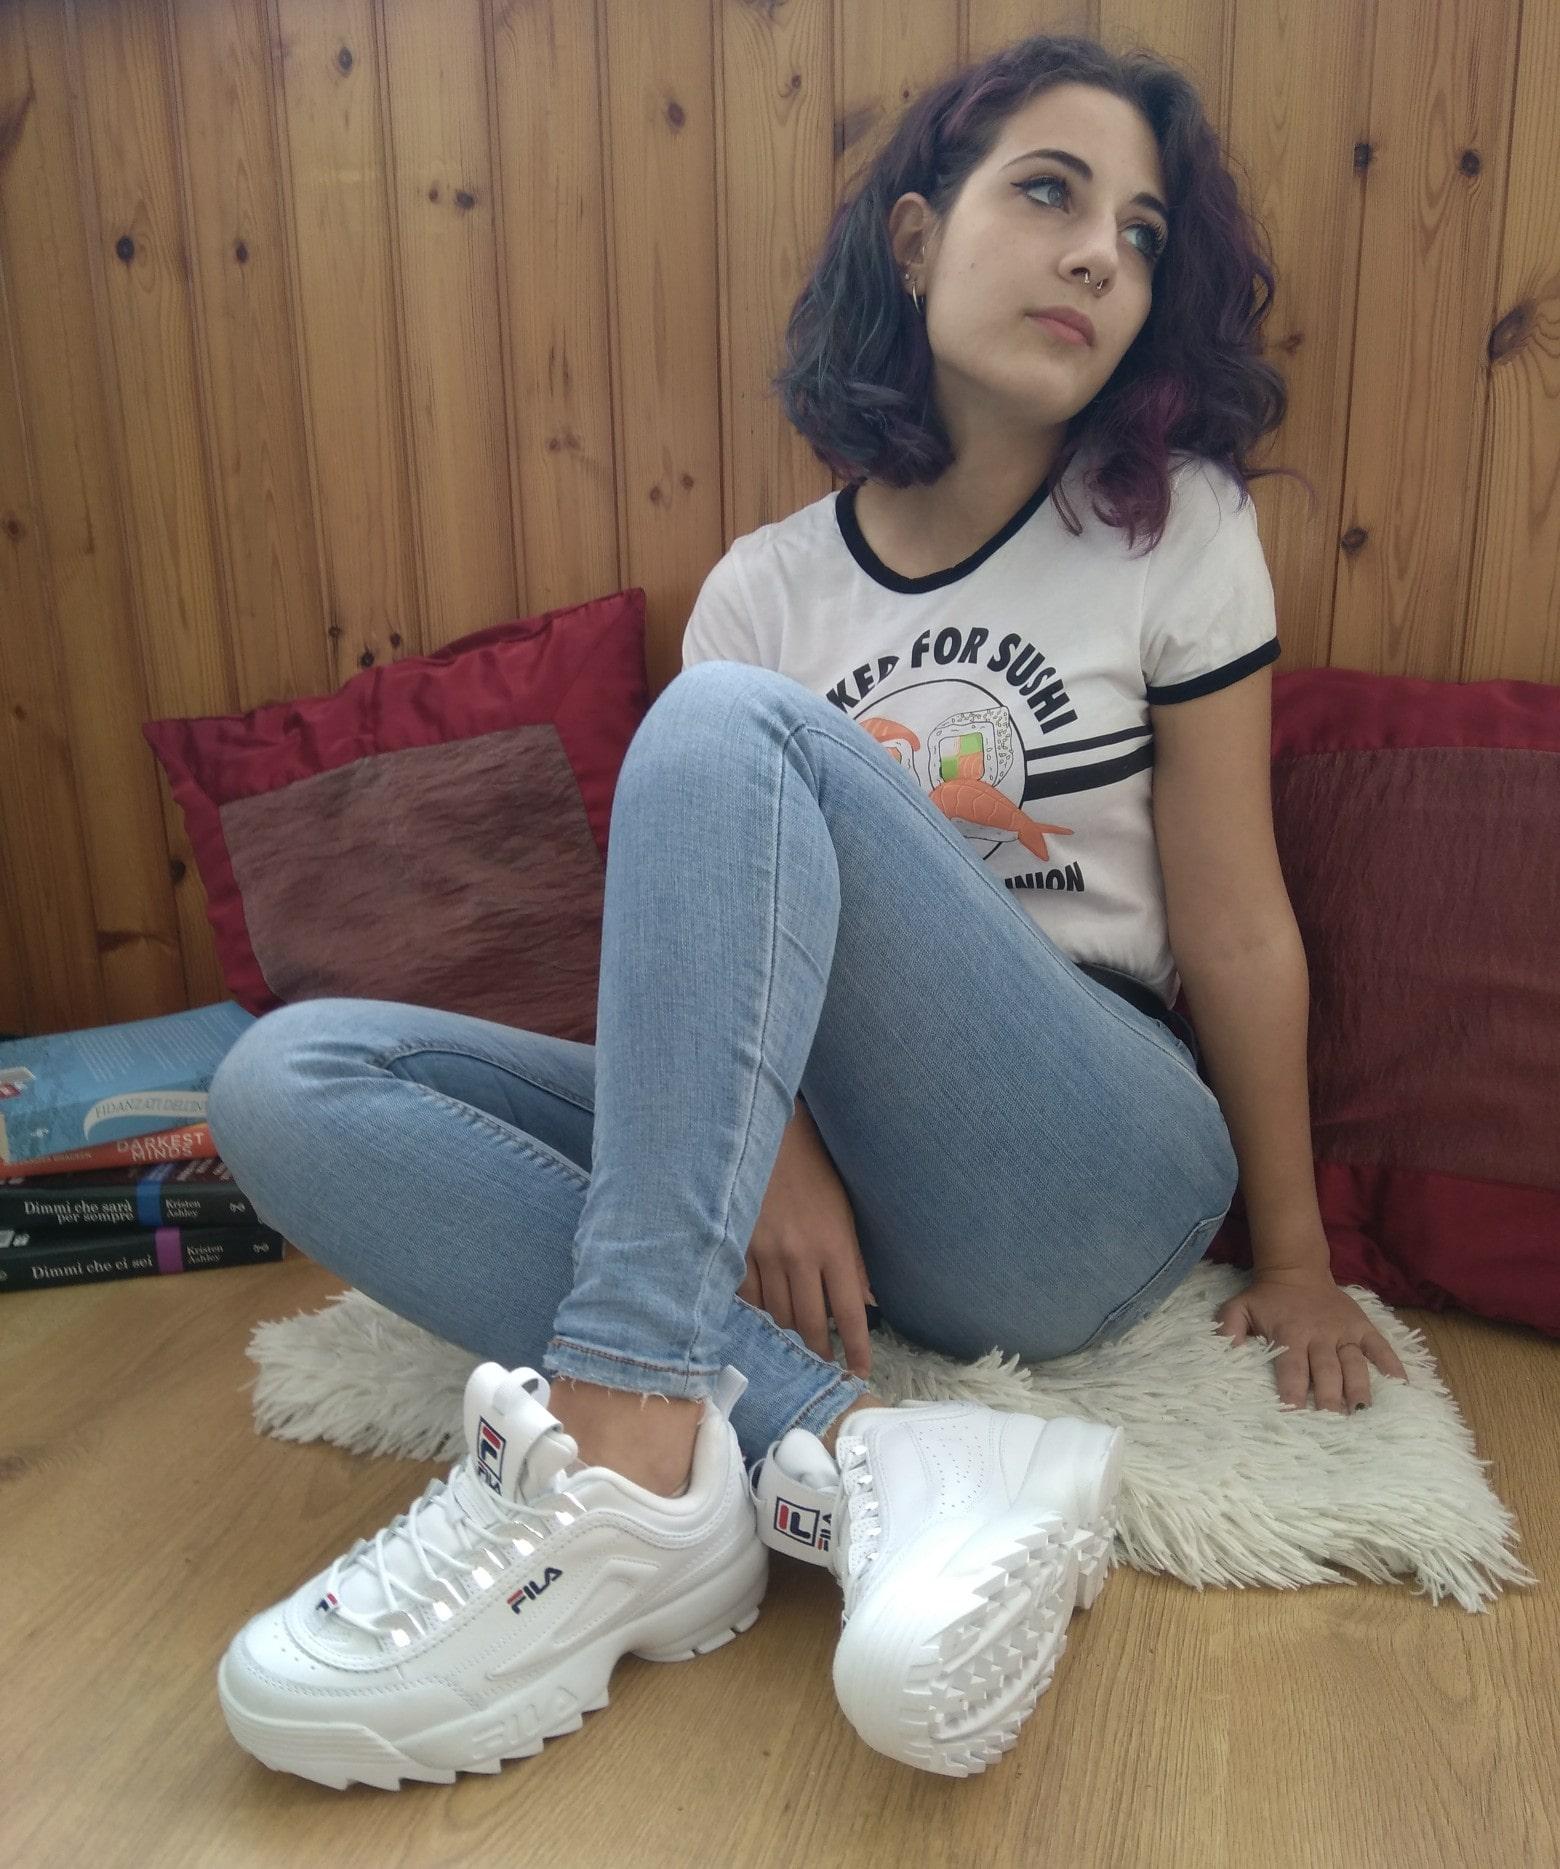 abbinare le sneakers bianche ai jeans e tee